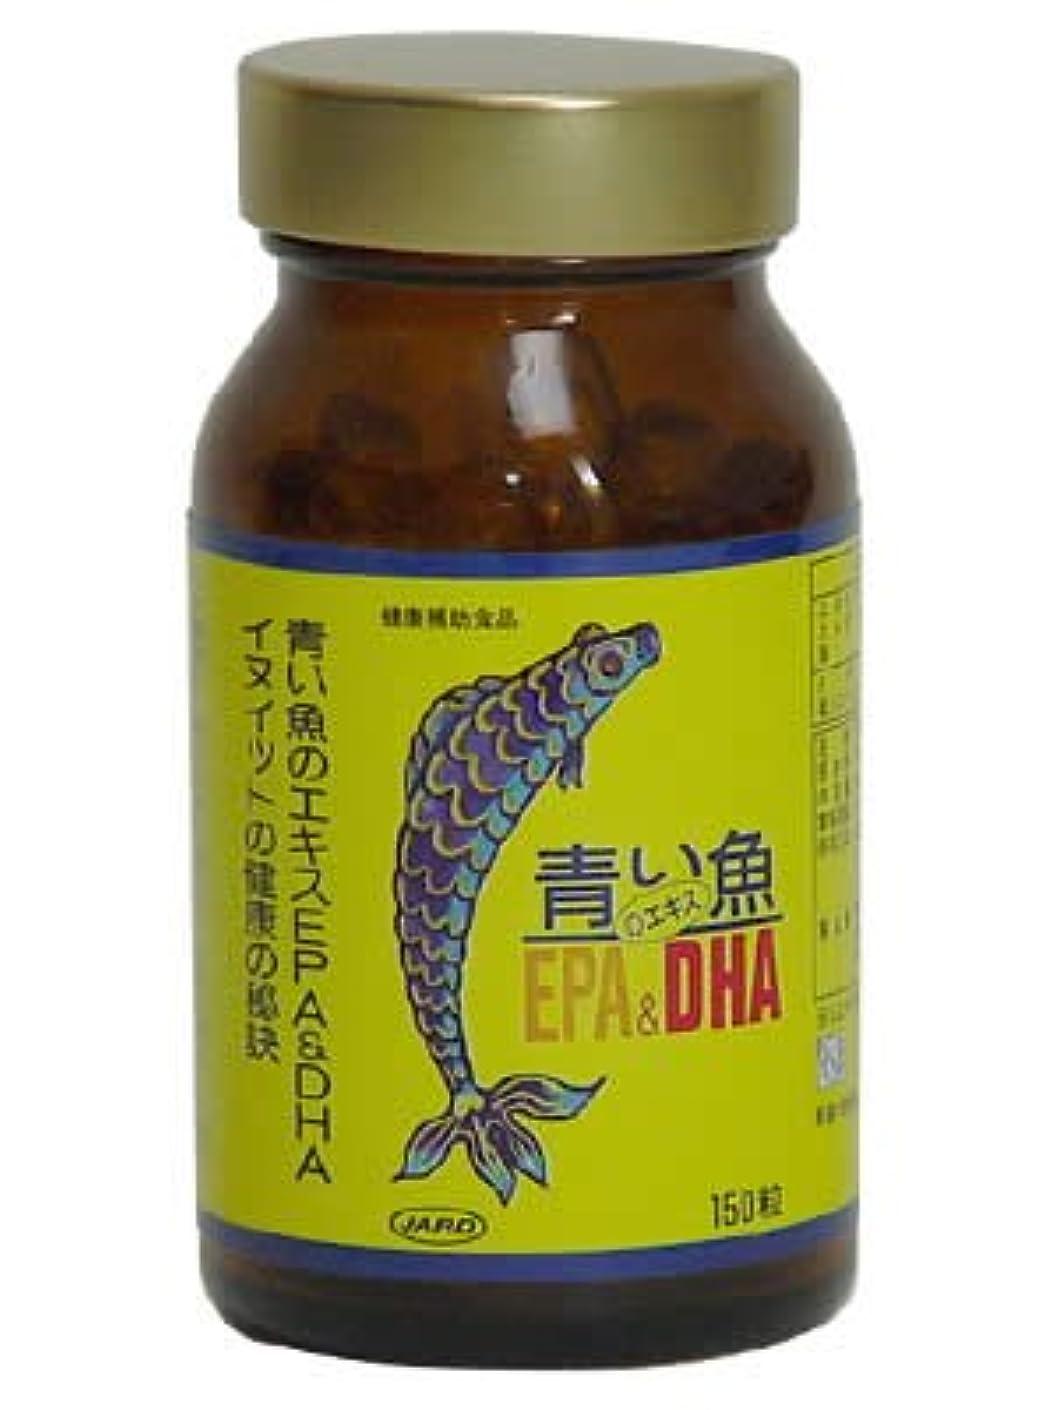 床植物学者姿勢青い魚のエキスEPA&DHA【6本セット】ジャード